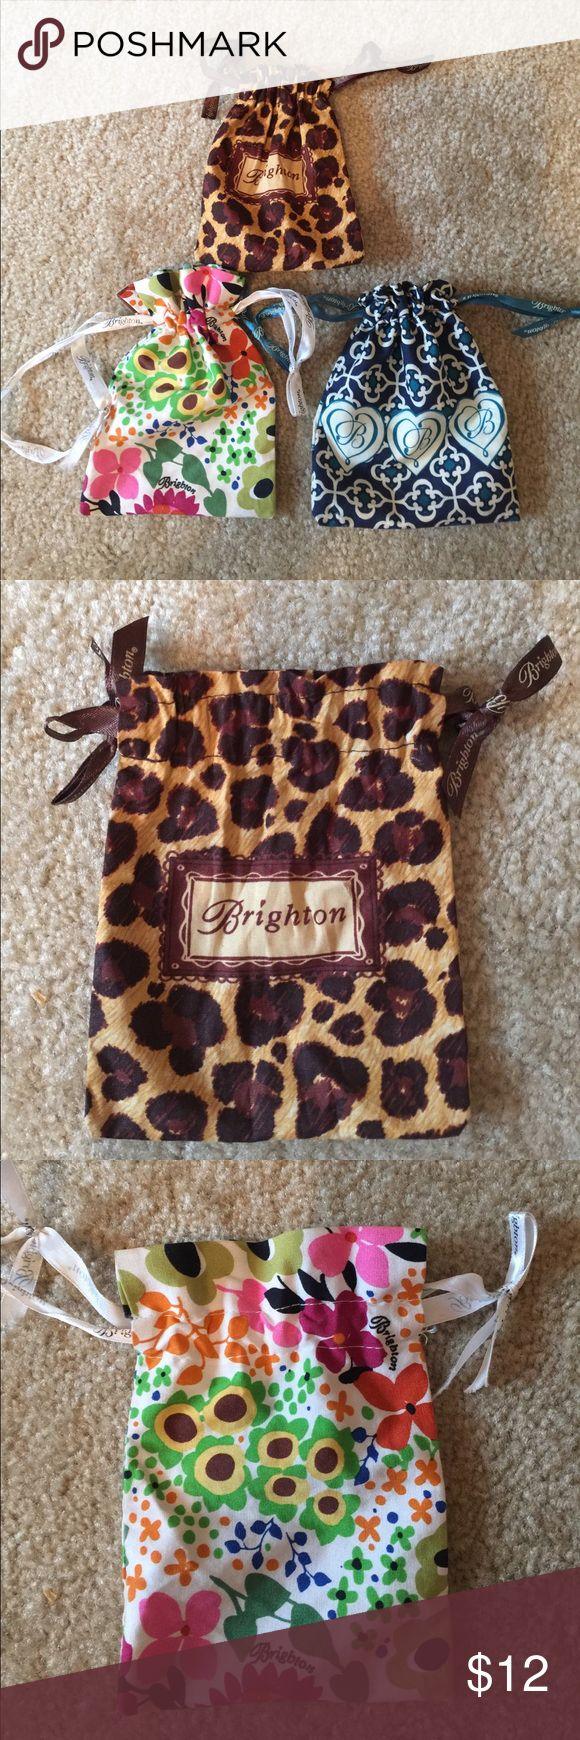 Bundle of 3 BRIGHTON jewelry pouches. BRIGHTON Bundle of 3 Jewelry pouches in excellent condition. Brighton Accessories